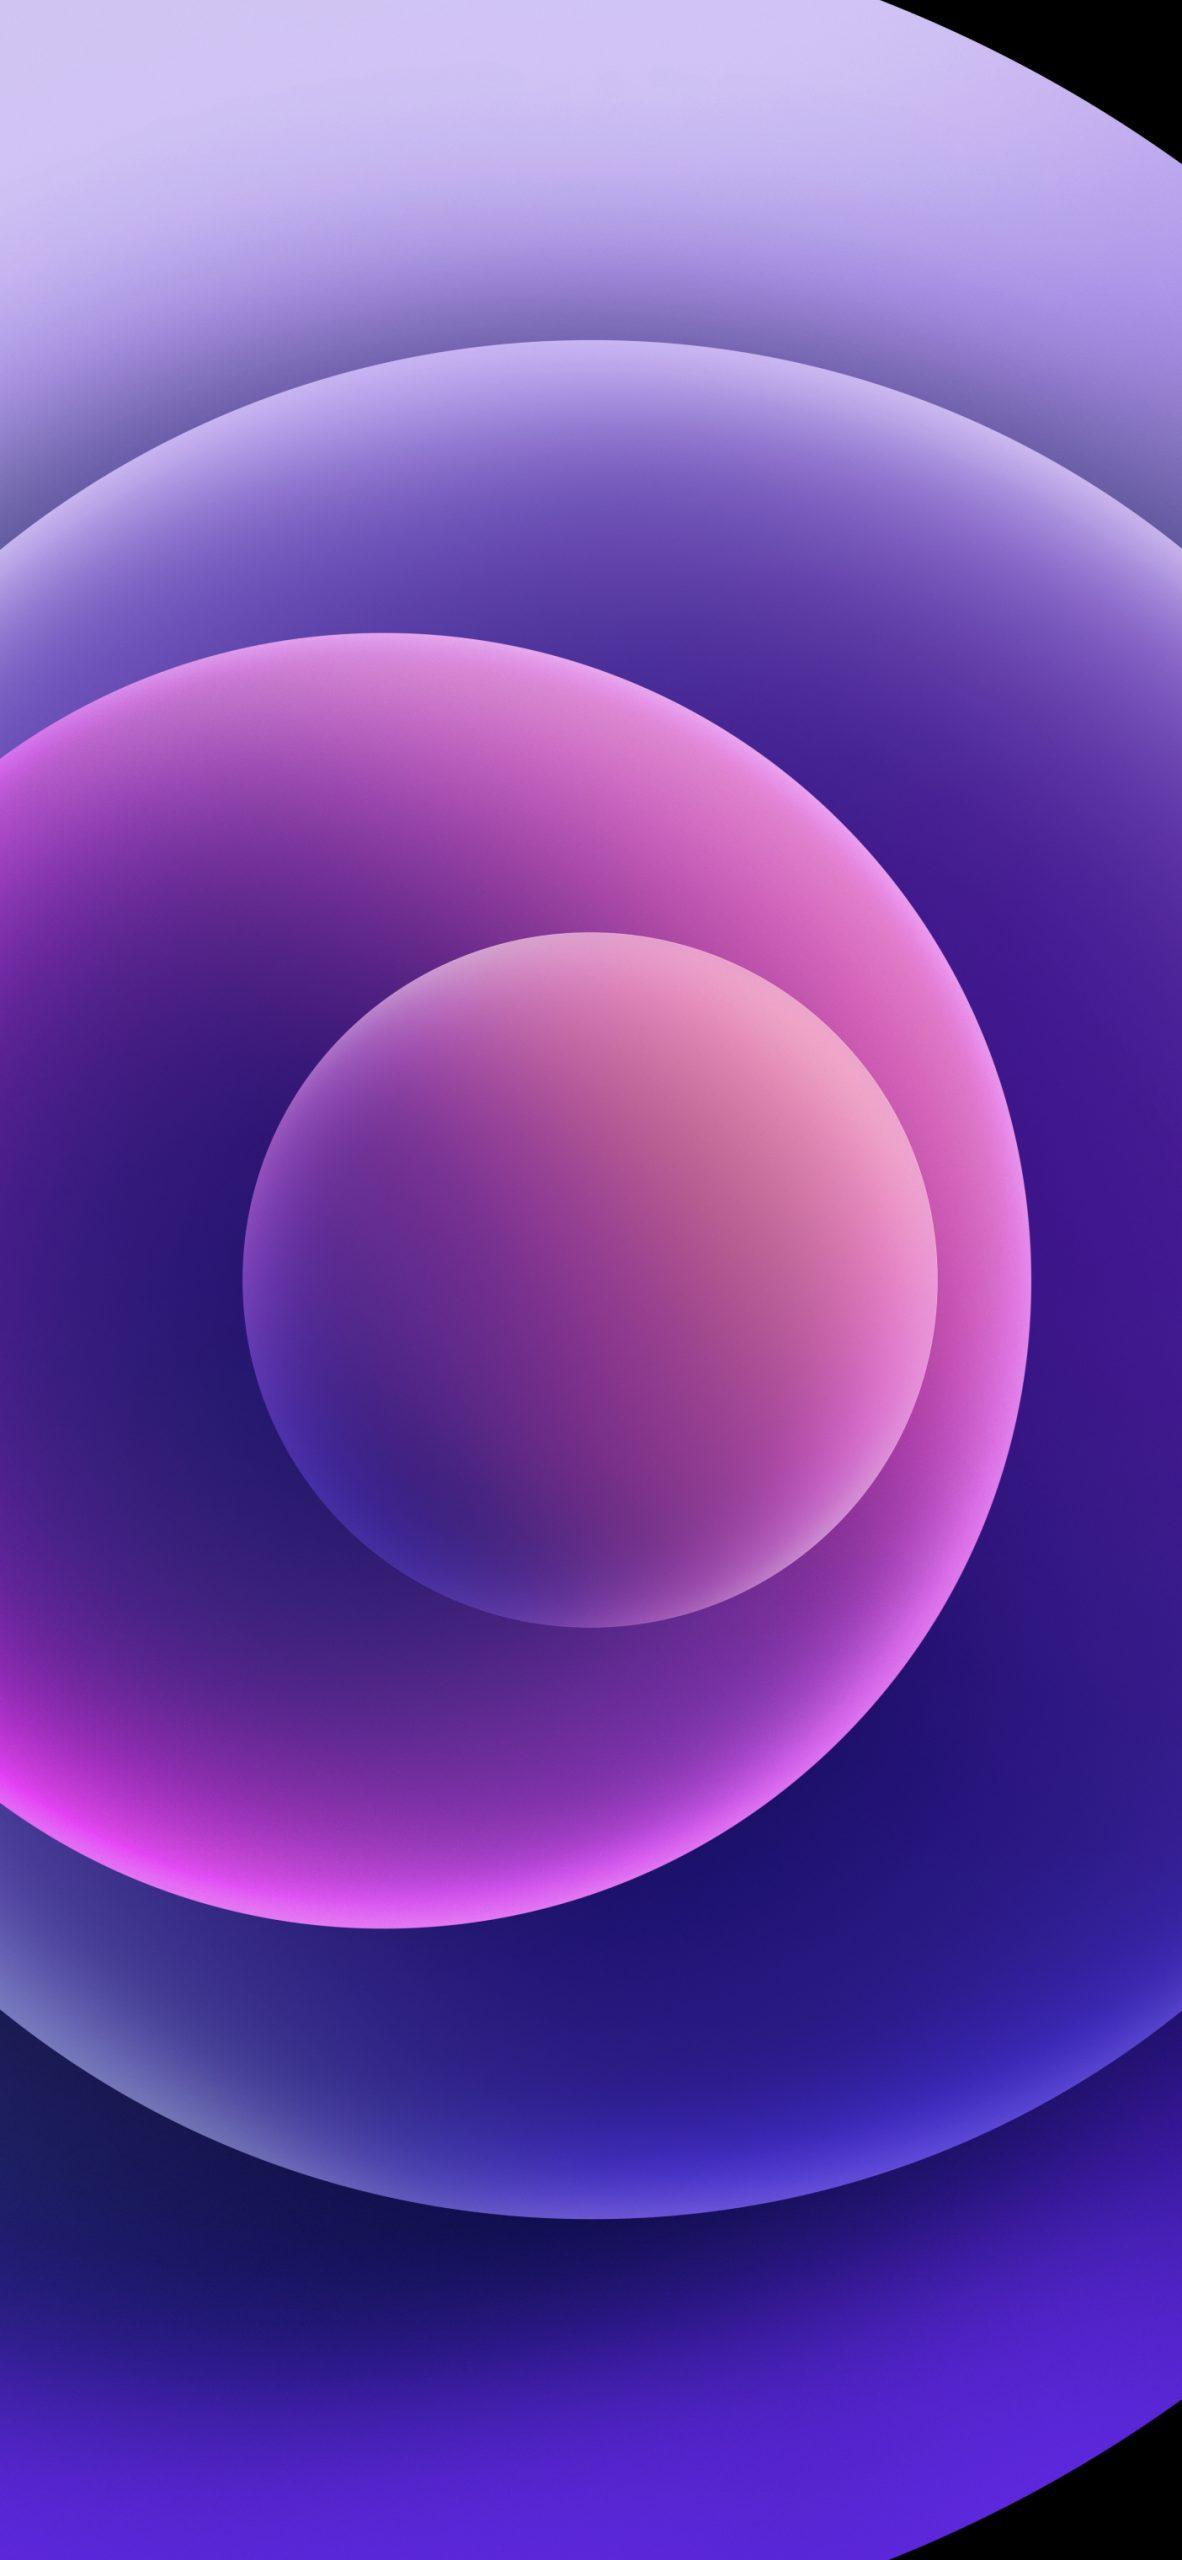 iPhone 21 Purple Wallpaper – light mode   Zollotech